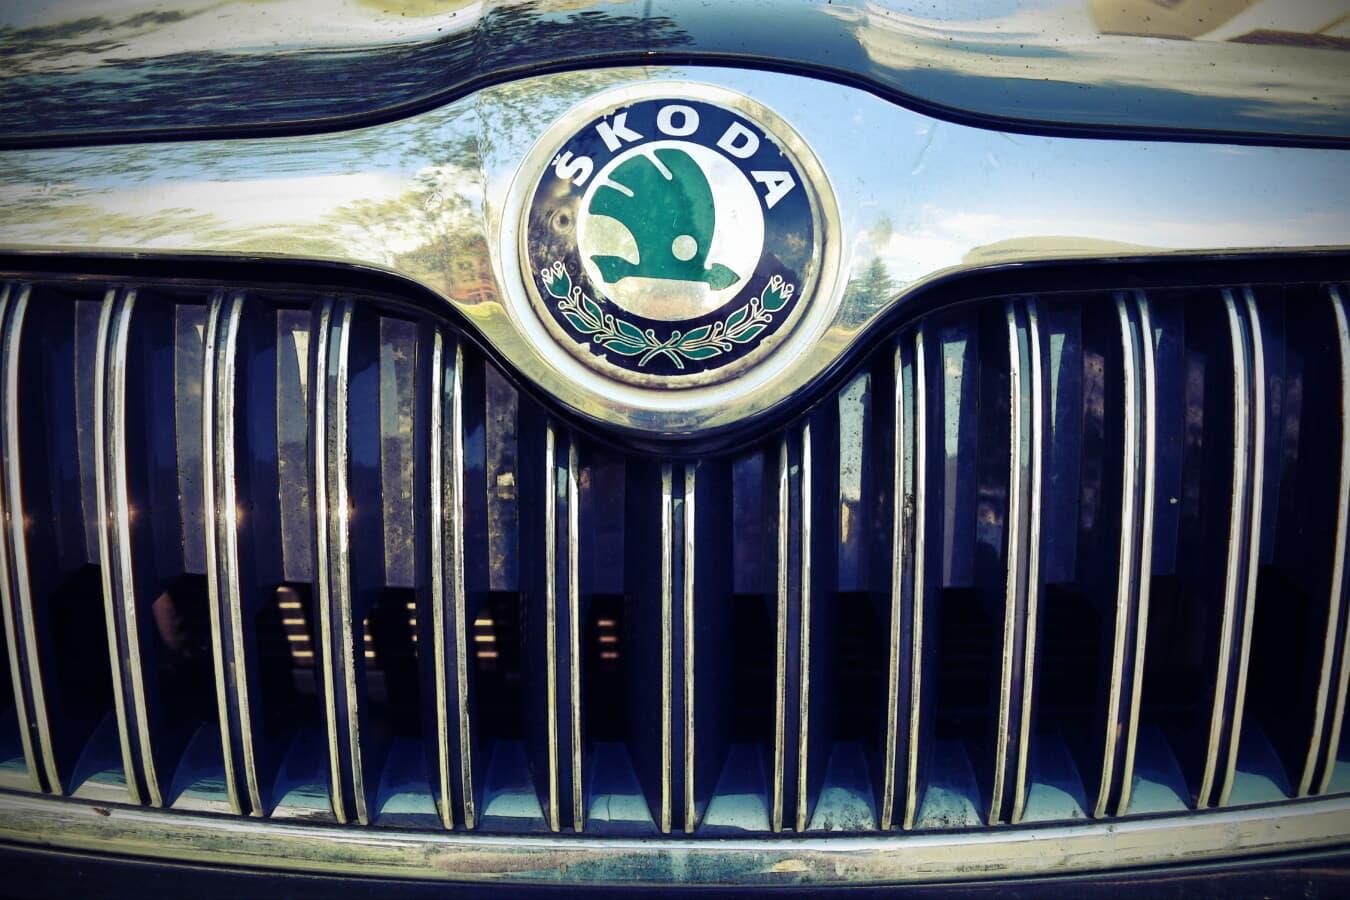 Skoda, Symbol, Kühlergrill, Zeichen, Auto, metallische, Sport Auto, Stoßstange, automotive, Fahrzeug